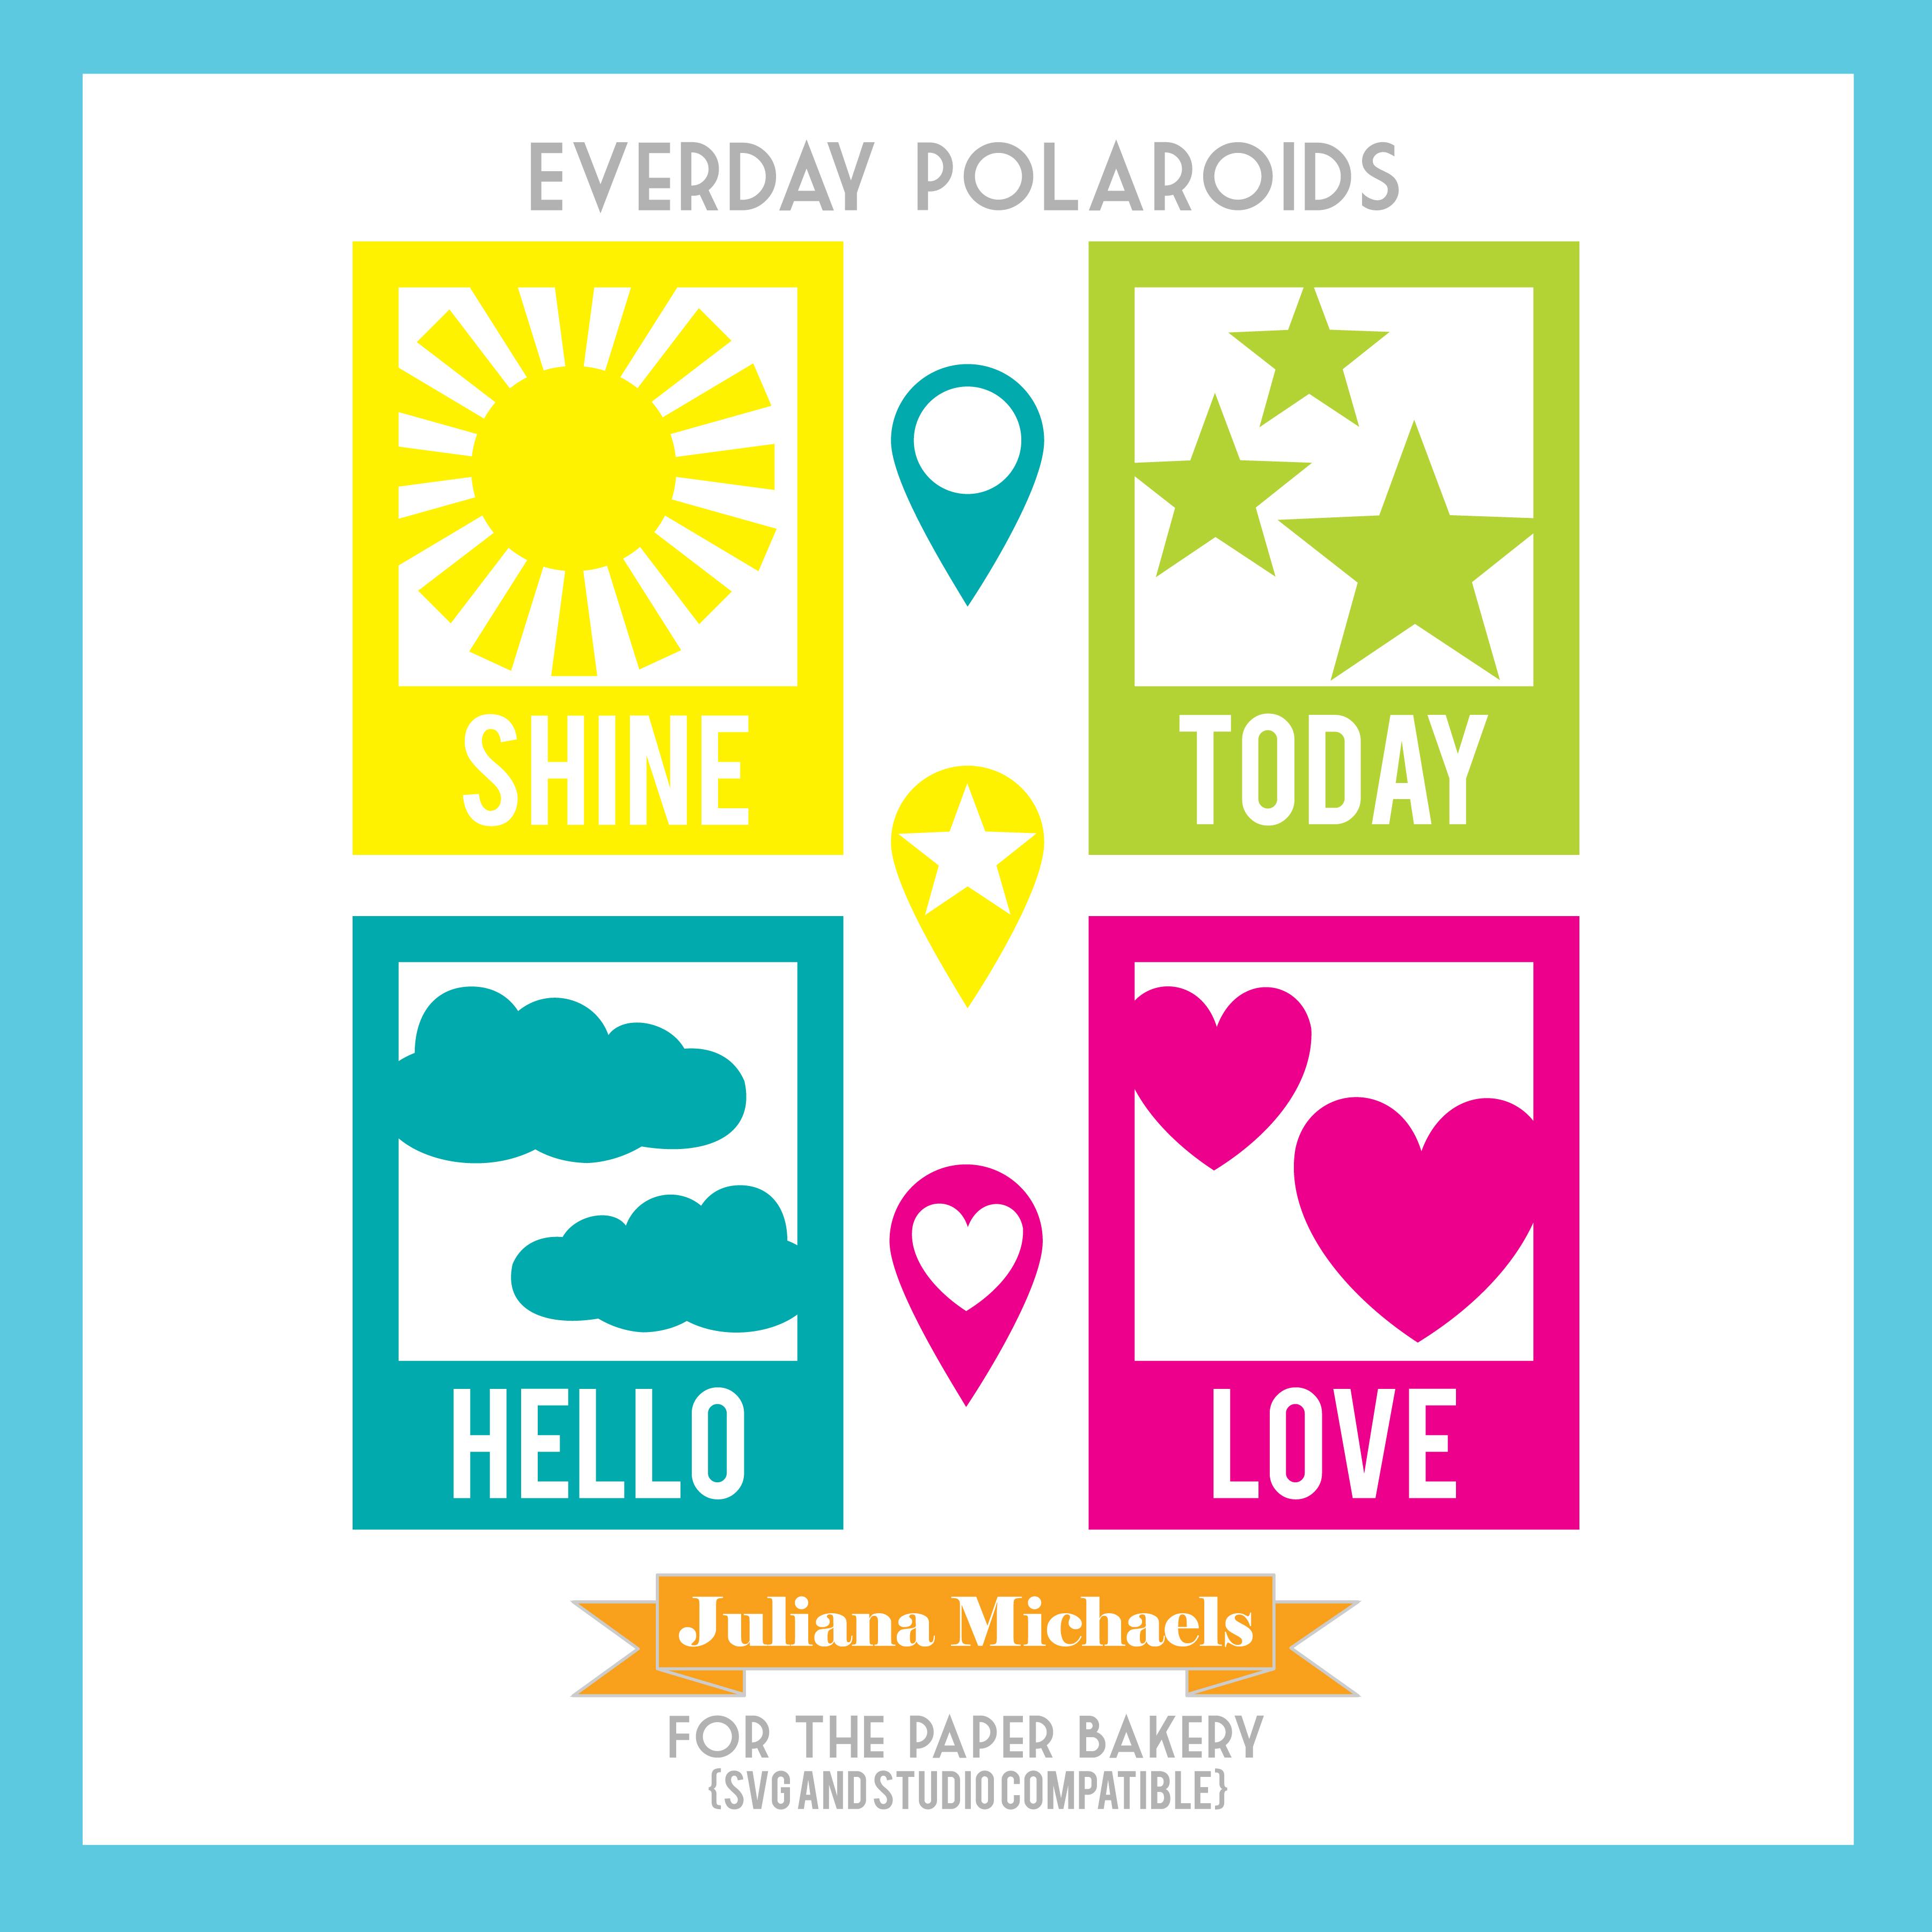 EverdayPolaroids_PaperBakery